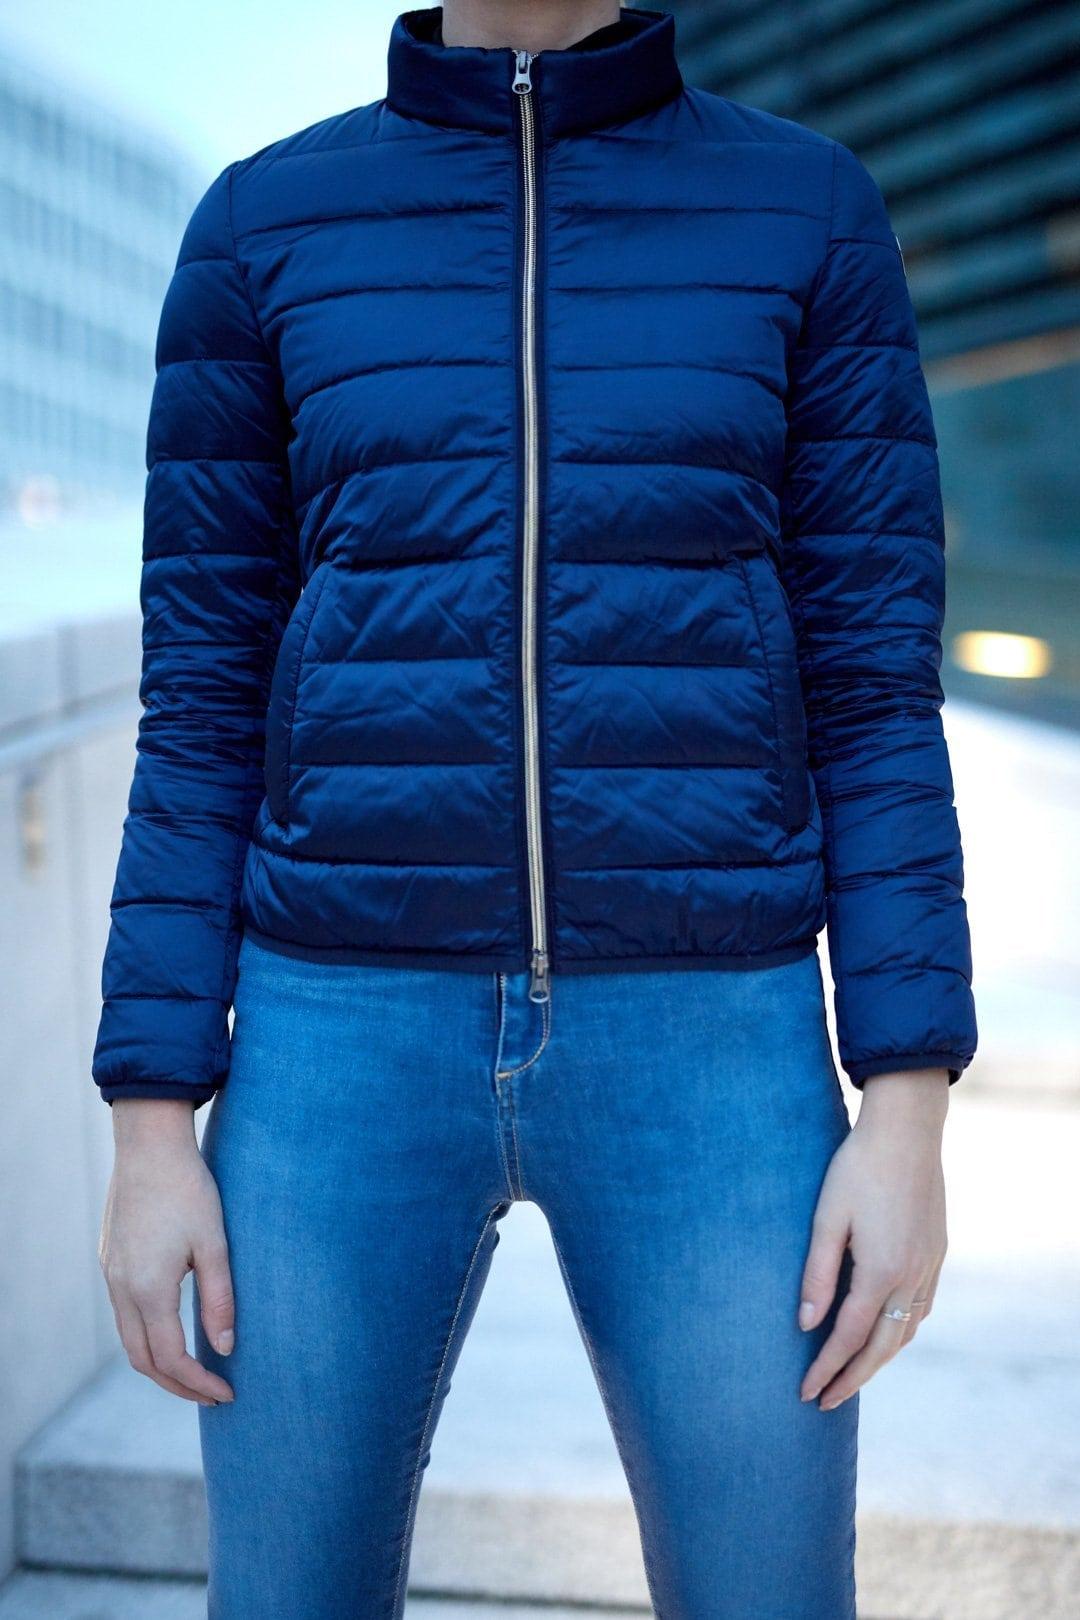 FAMME Navy Blue Caliente Jacket citj-nb c